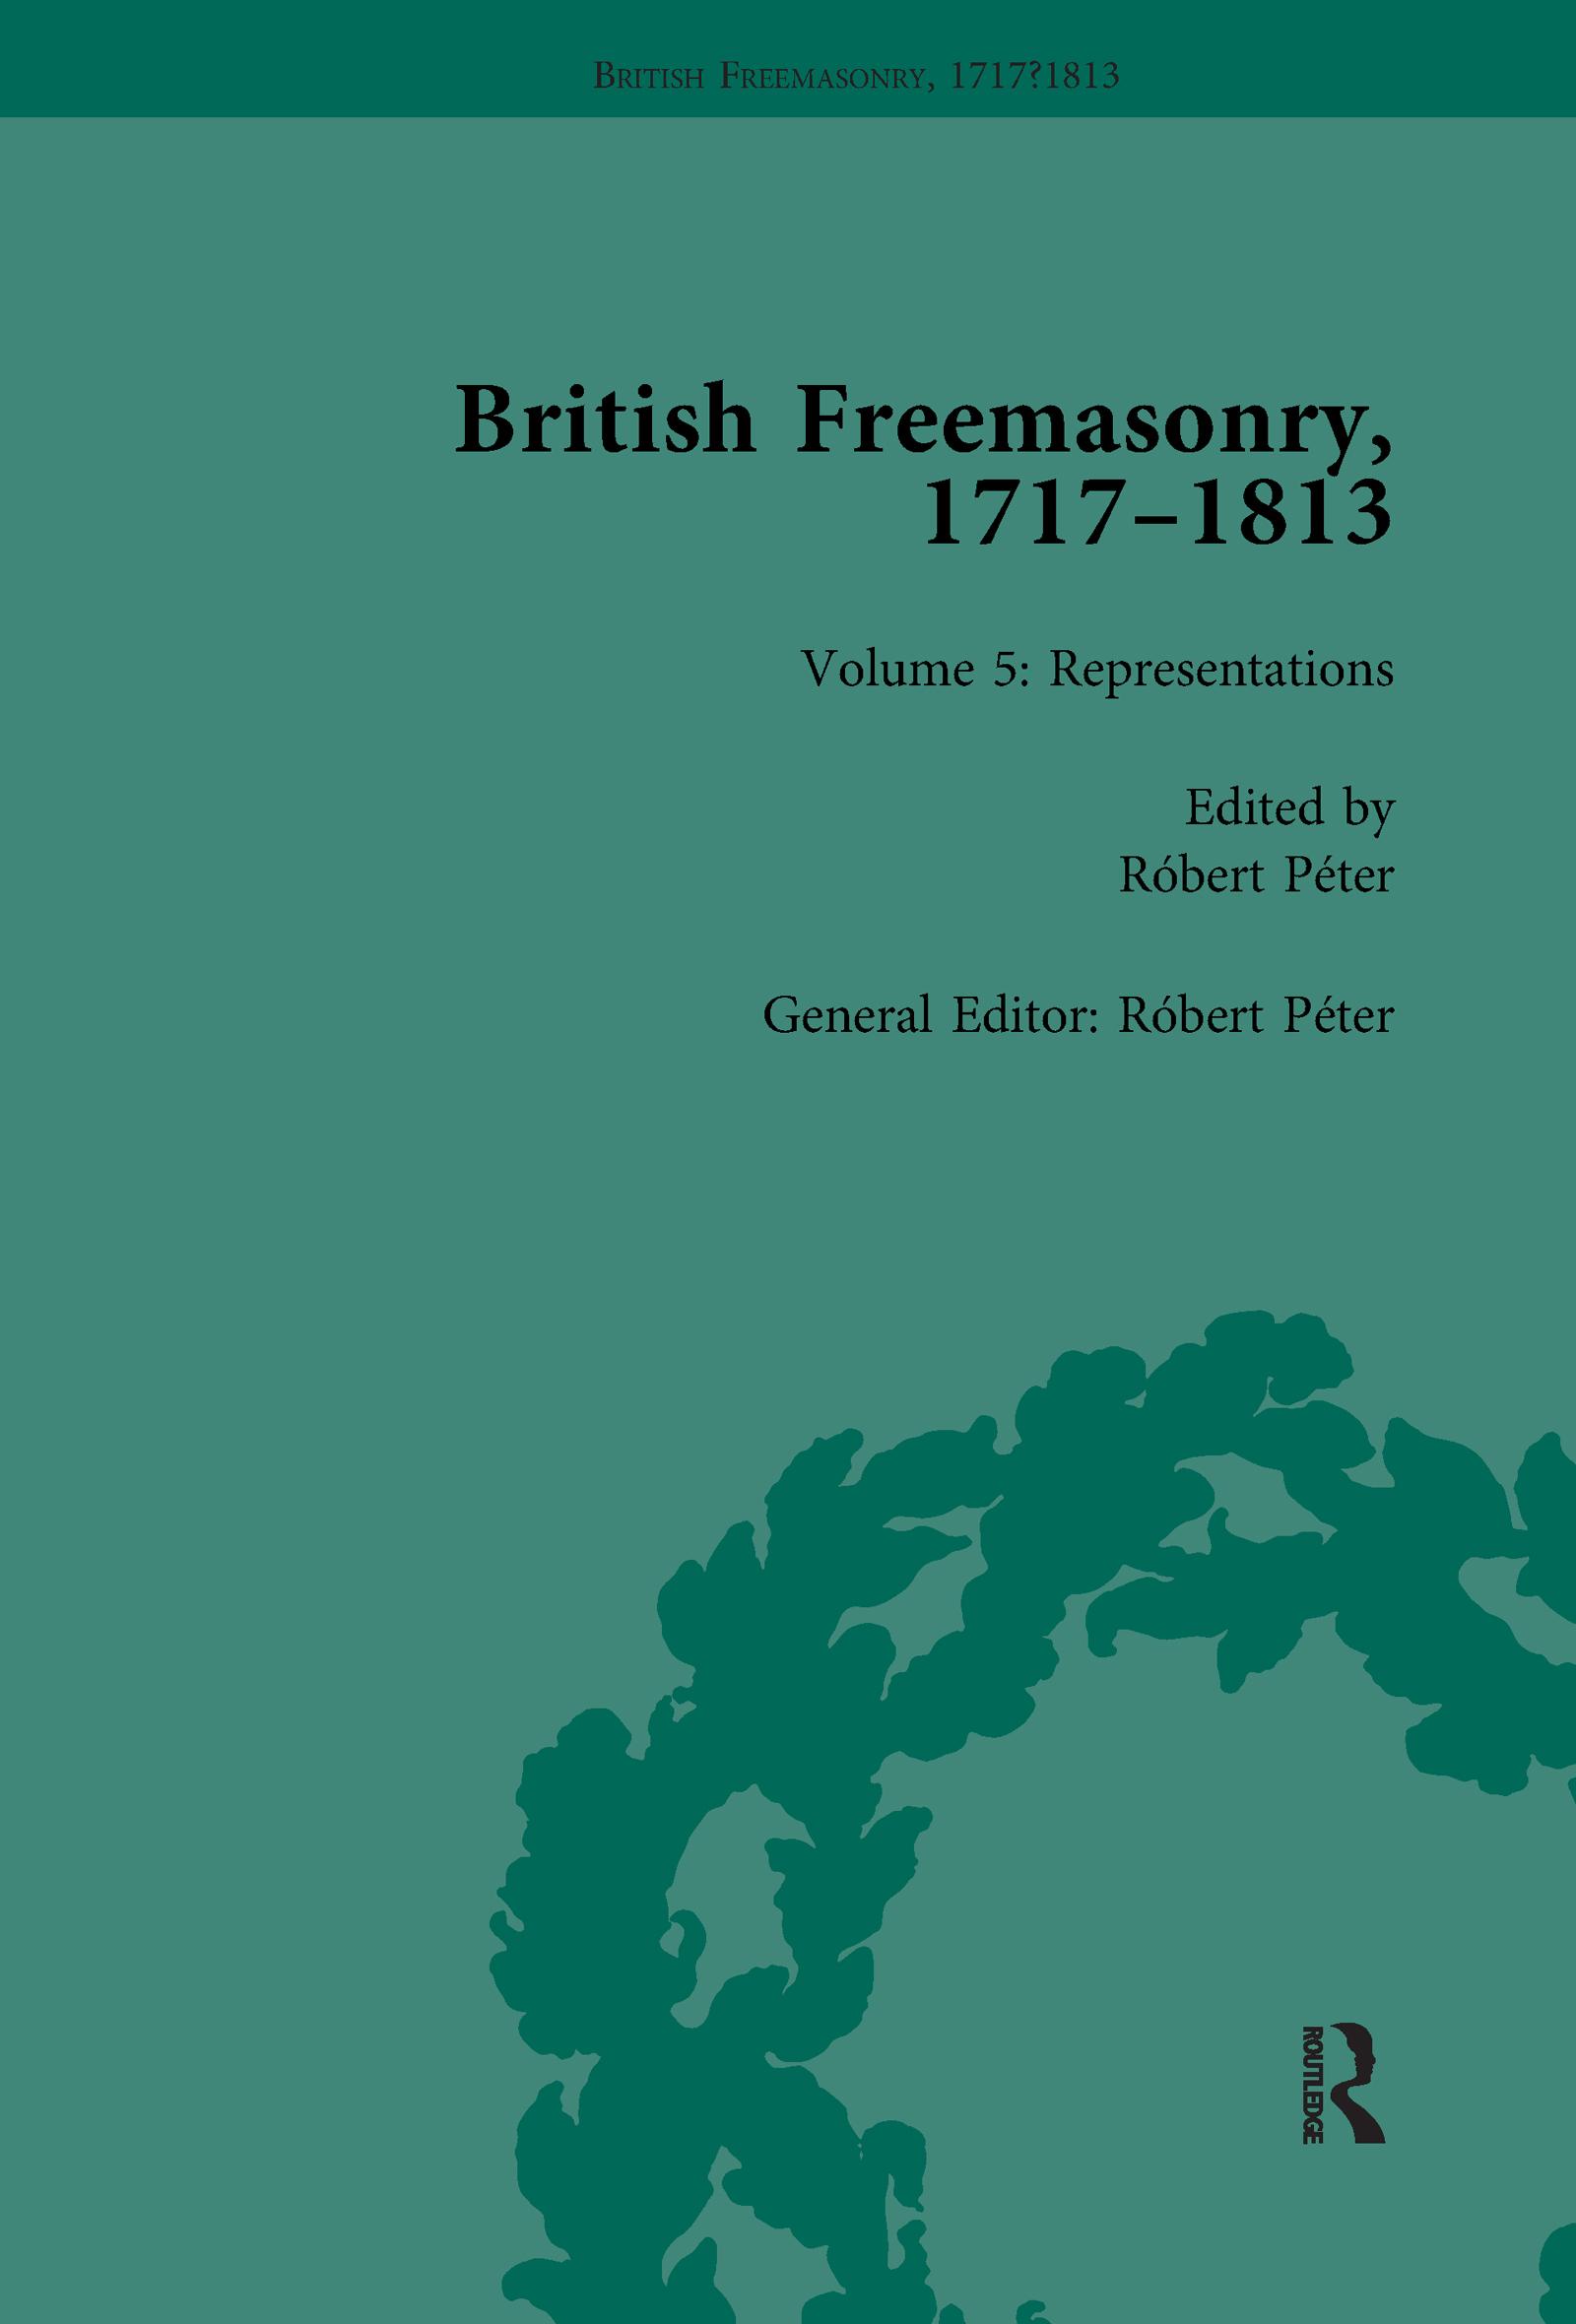 British Freemasonry, 1717-1813 Volume 5